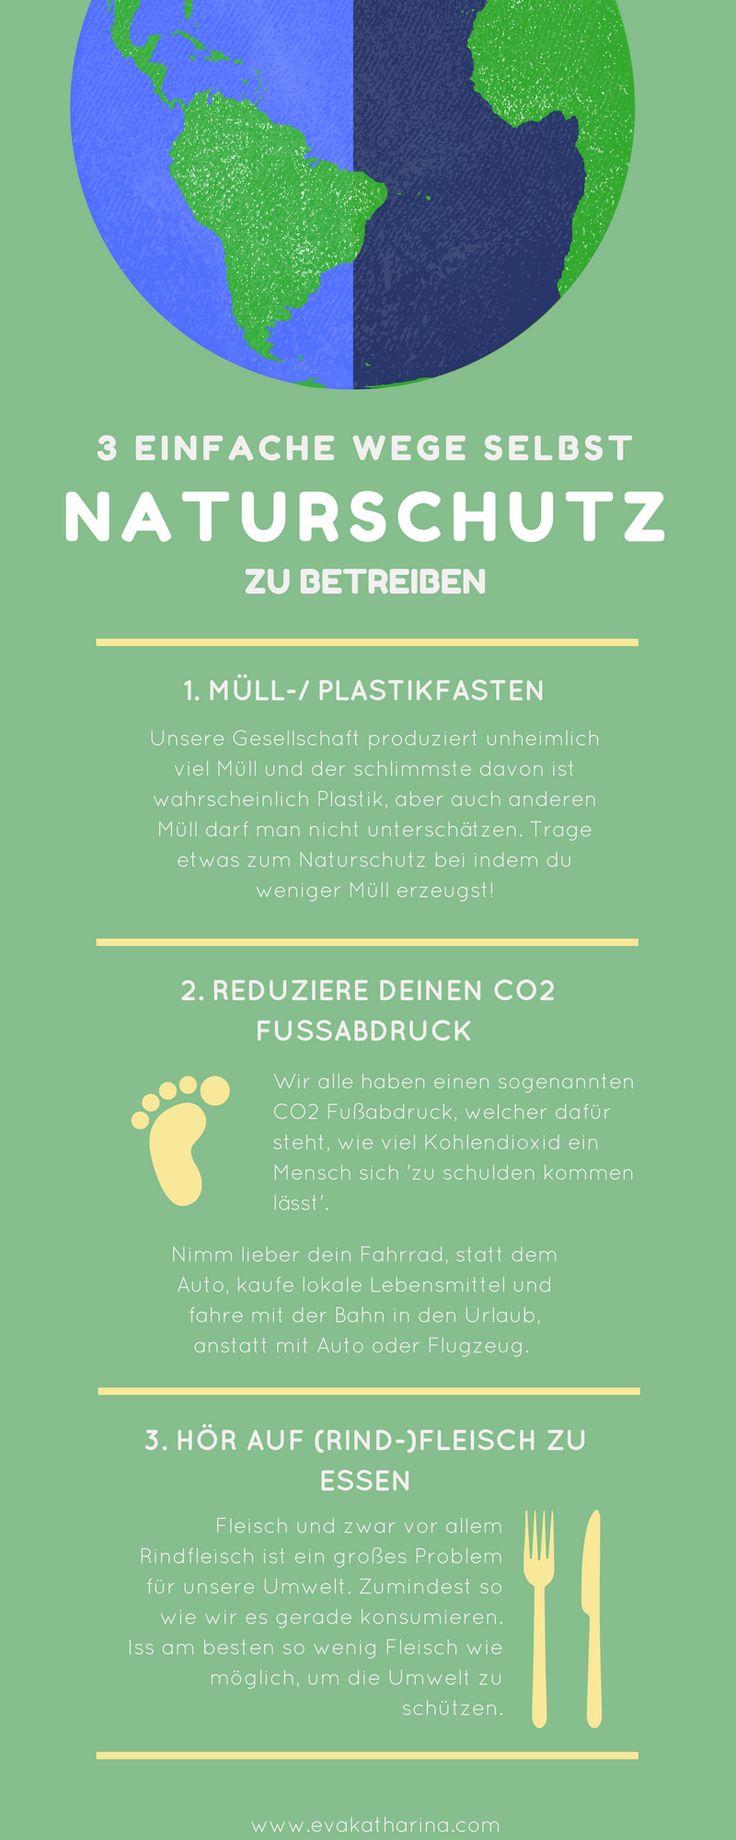 3 einfache Wege, selbst Naturschutz zu betreiben